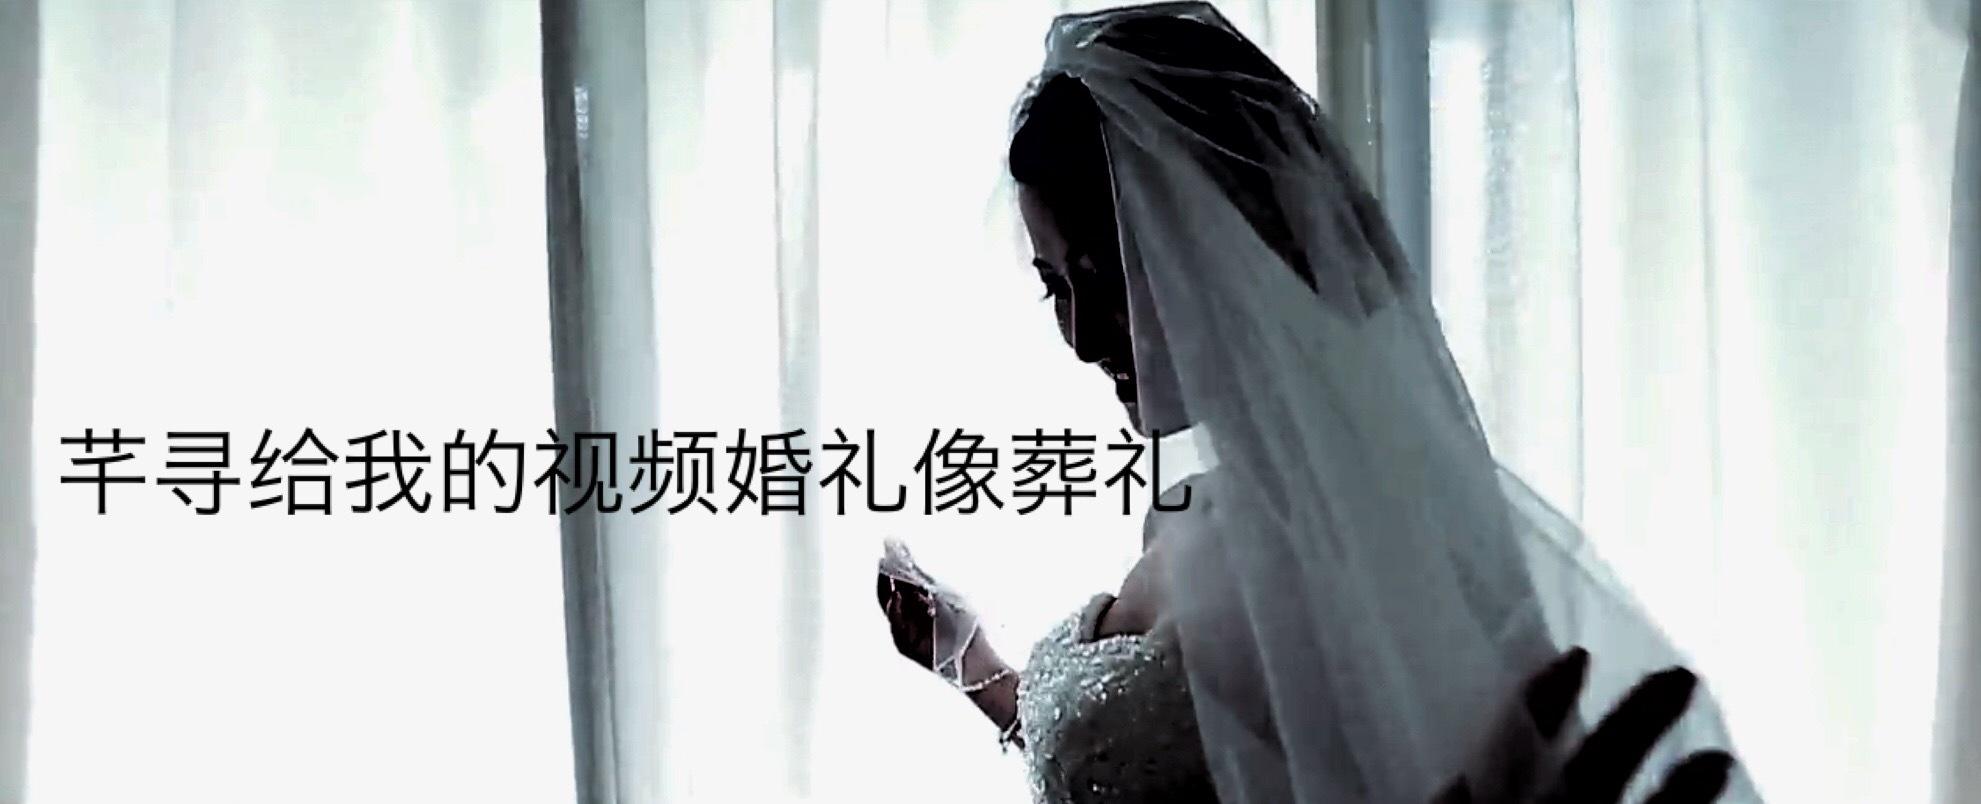 芊寻海外婚礼被骗遭遇,电视台曝光芊寻服务差陷阱多多